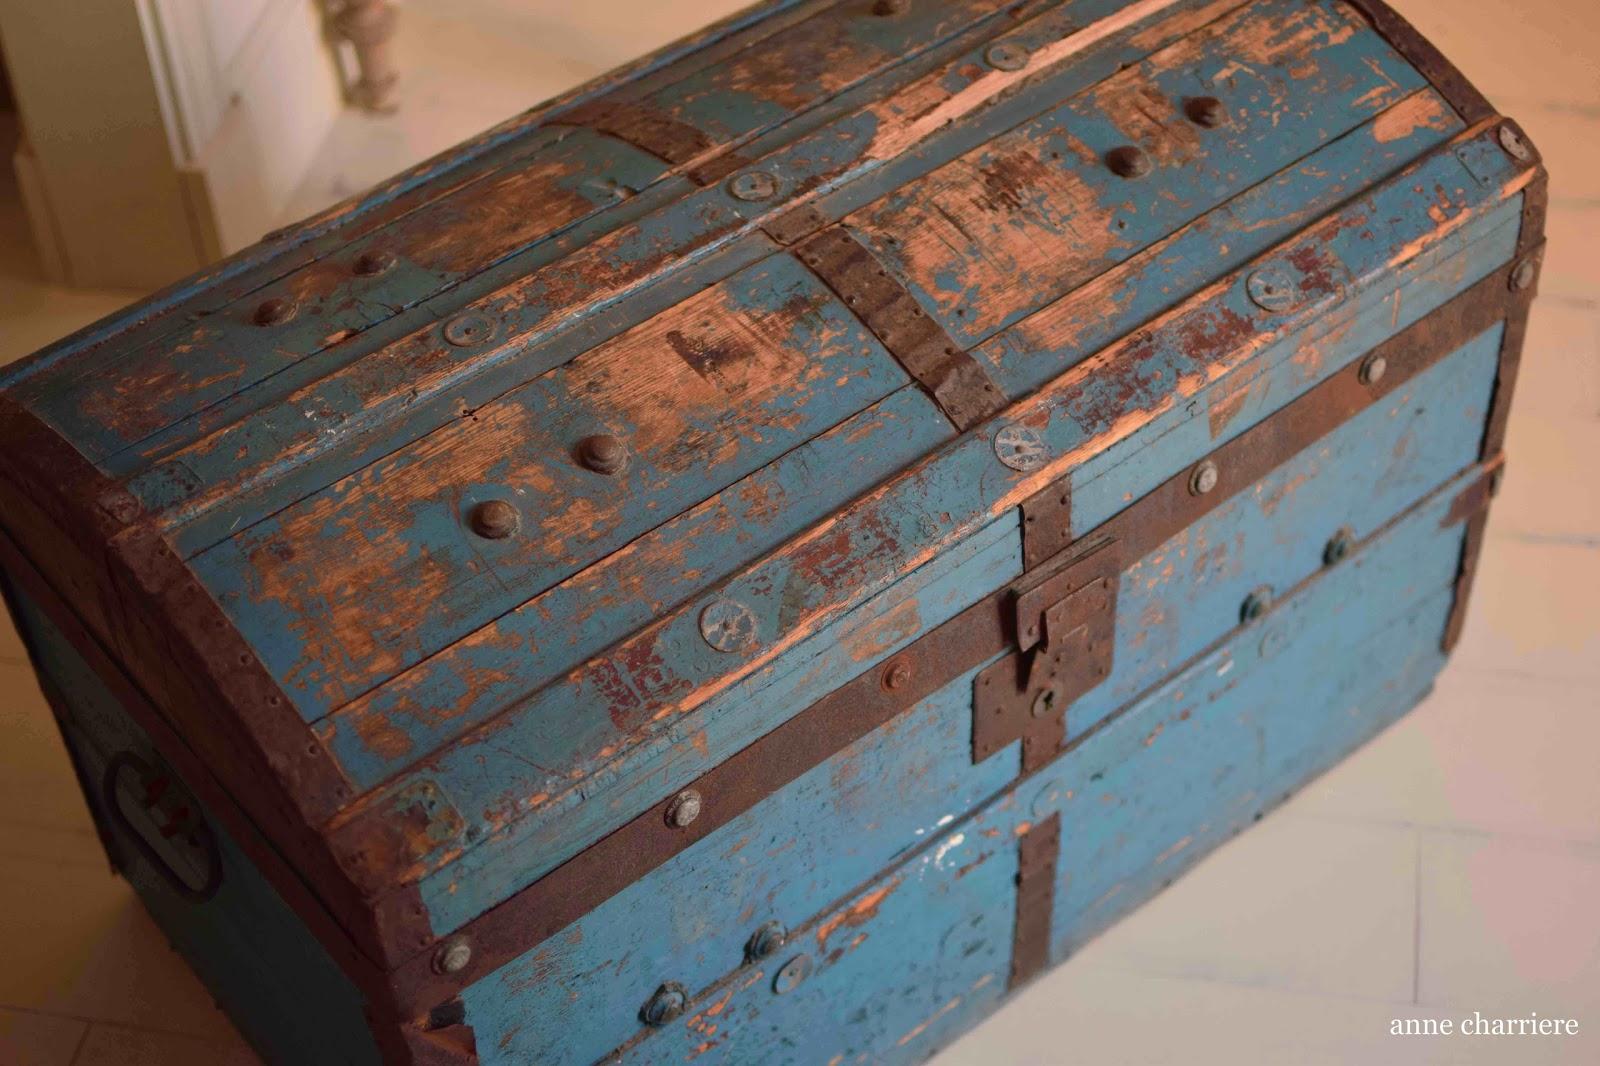 Anne charriere blog de bricolage d co low cost restauration sur bois et pe - Vieille malle de voyage ...